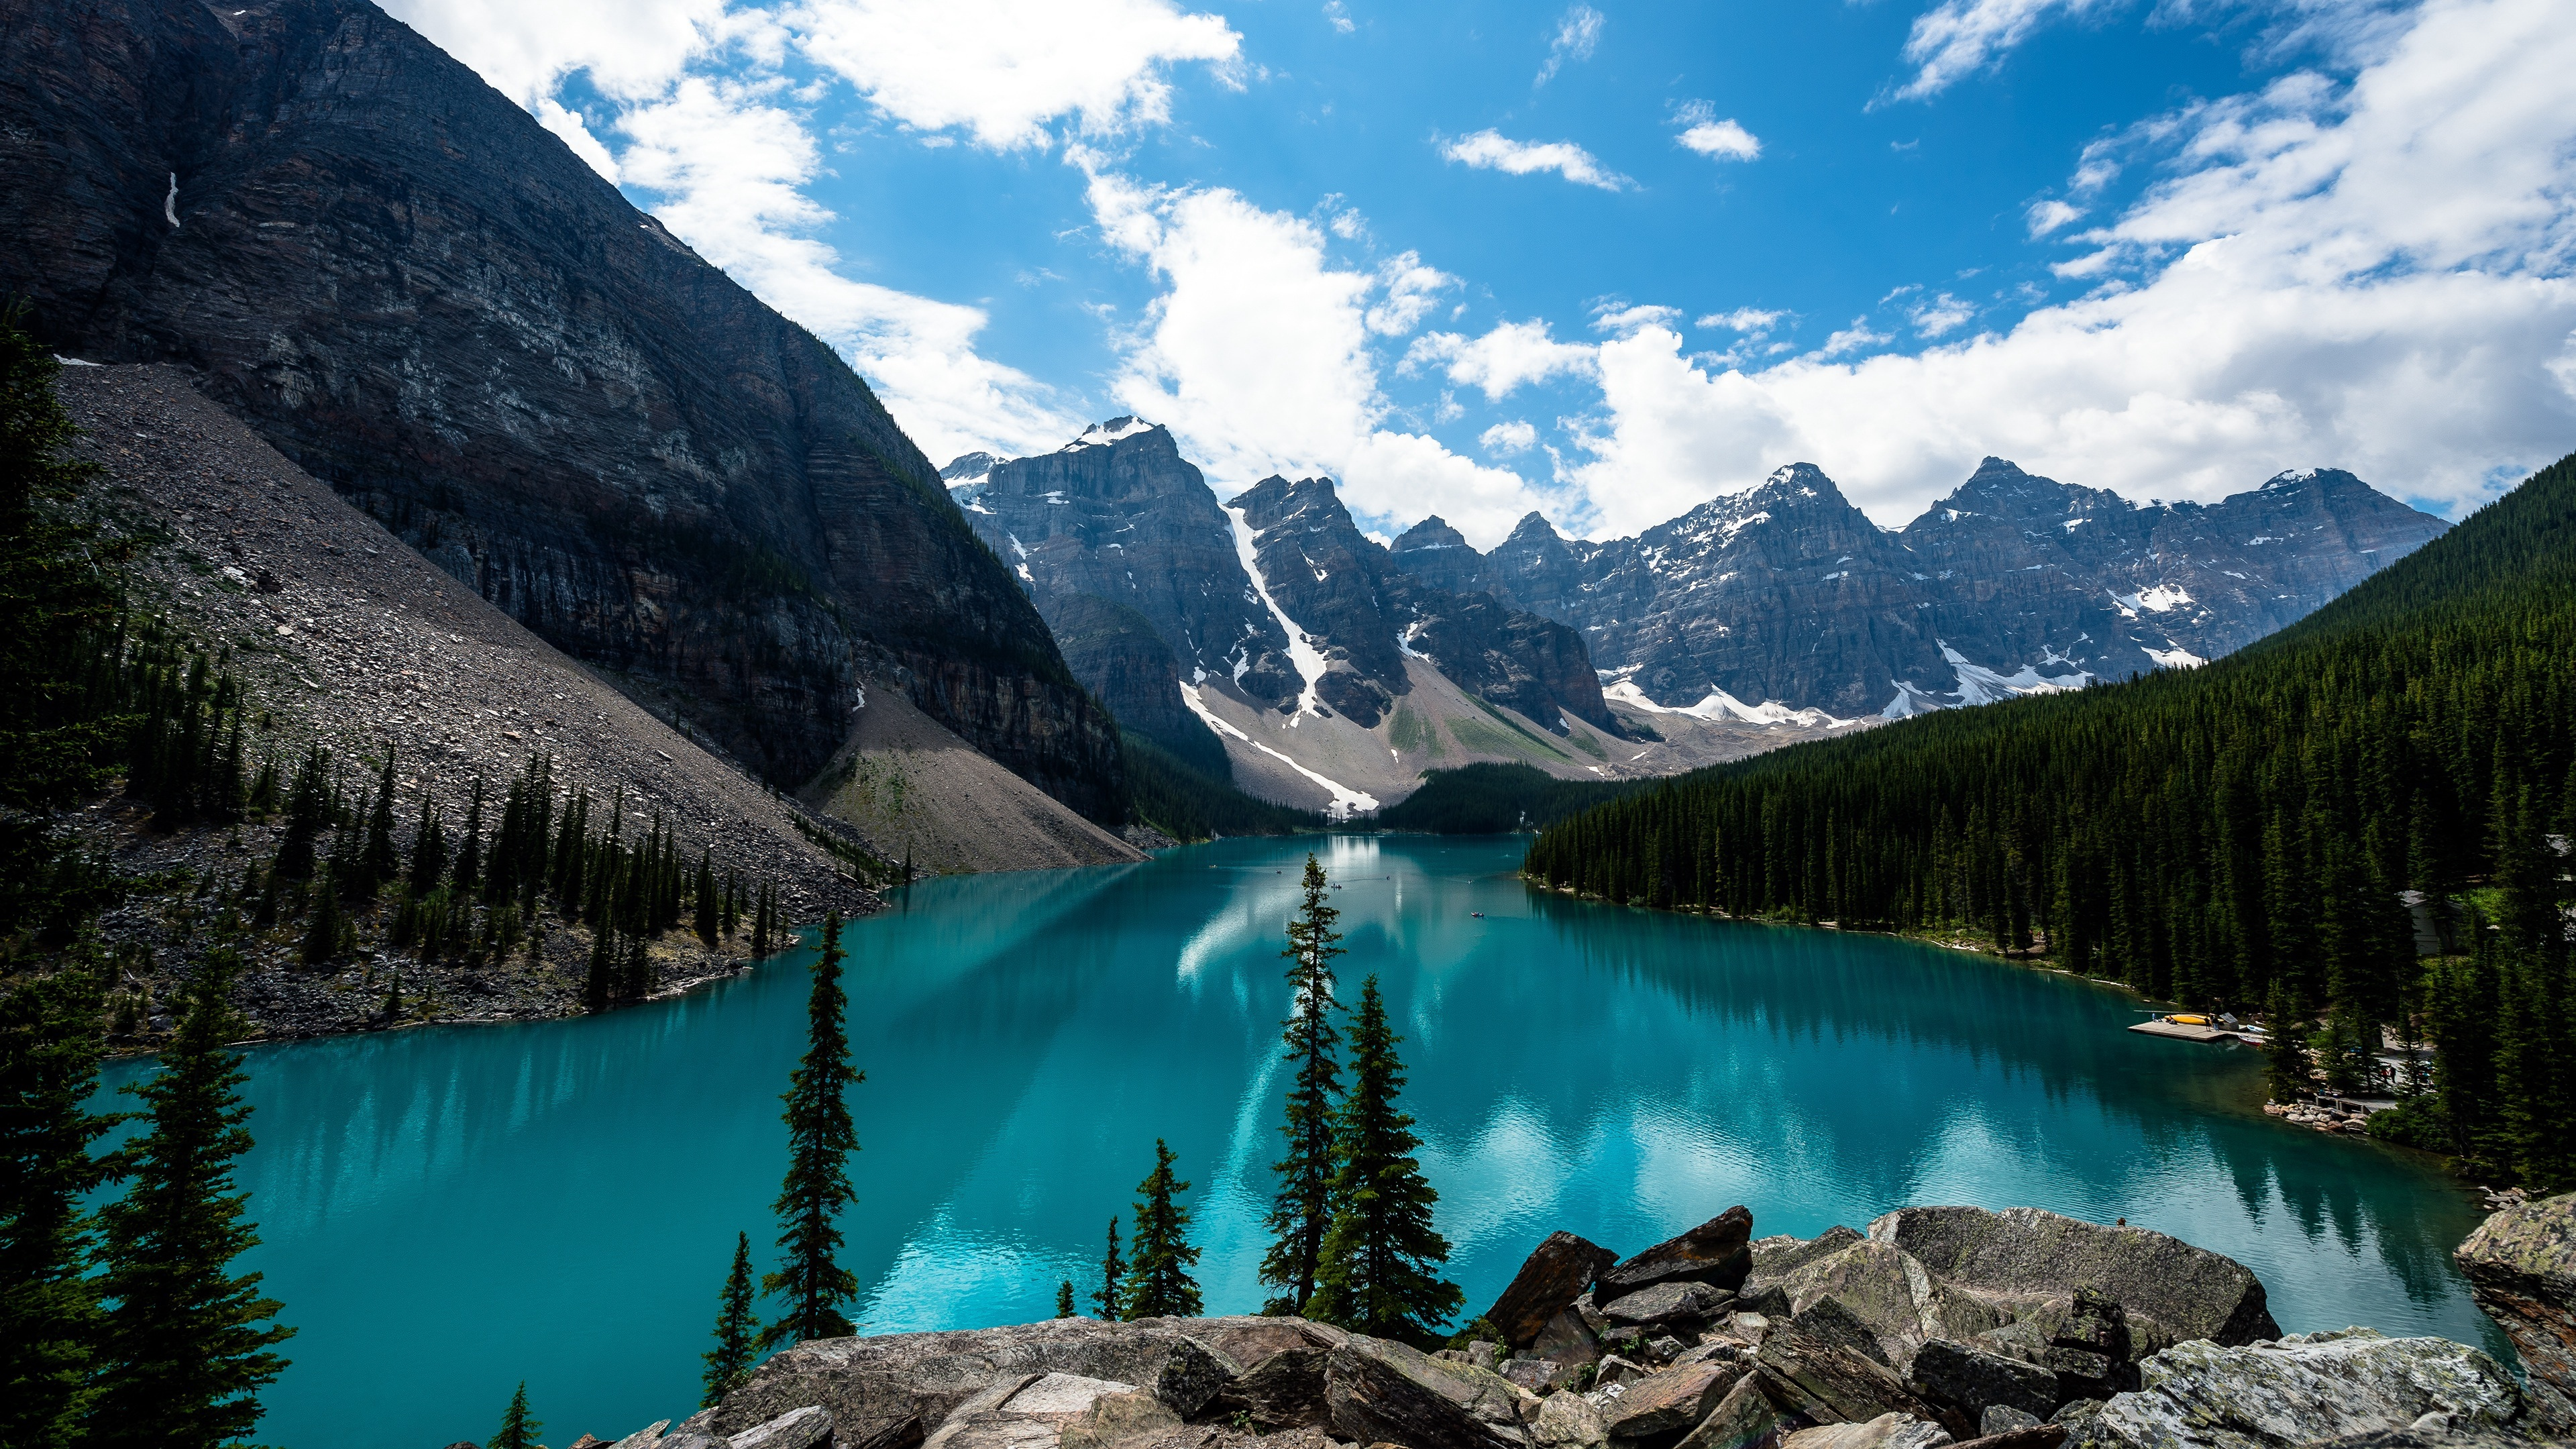 Fondos de pantalla Montañas en lago azul en bosque